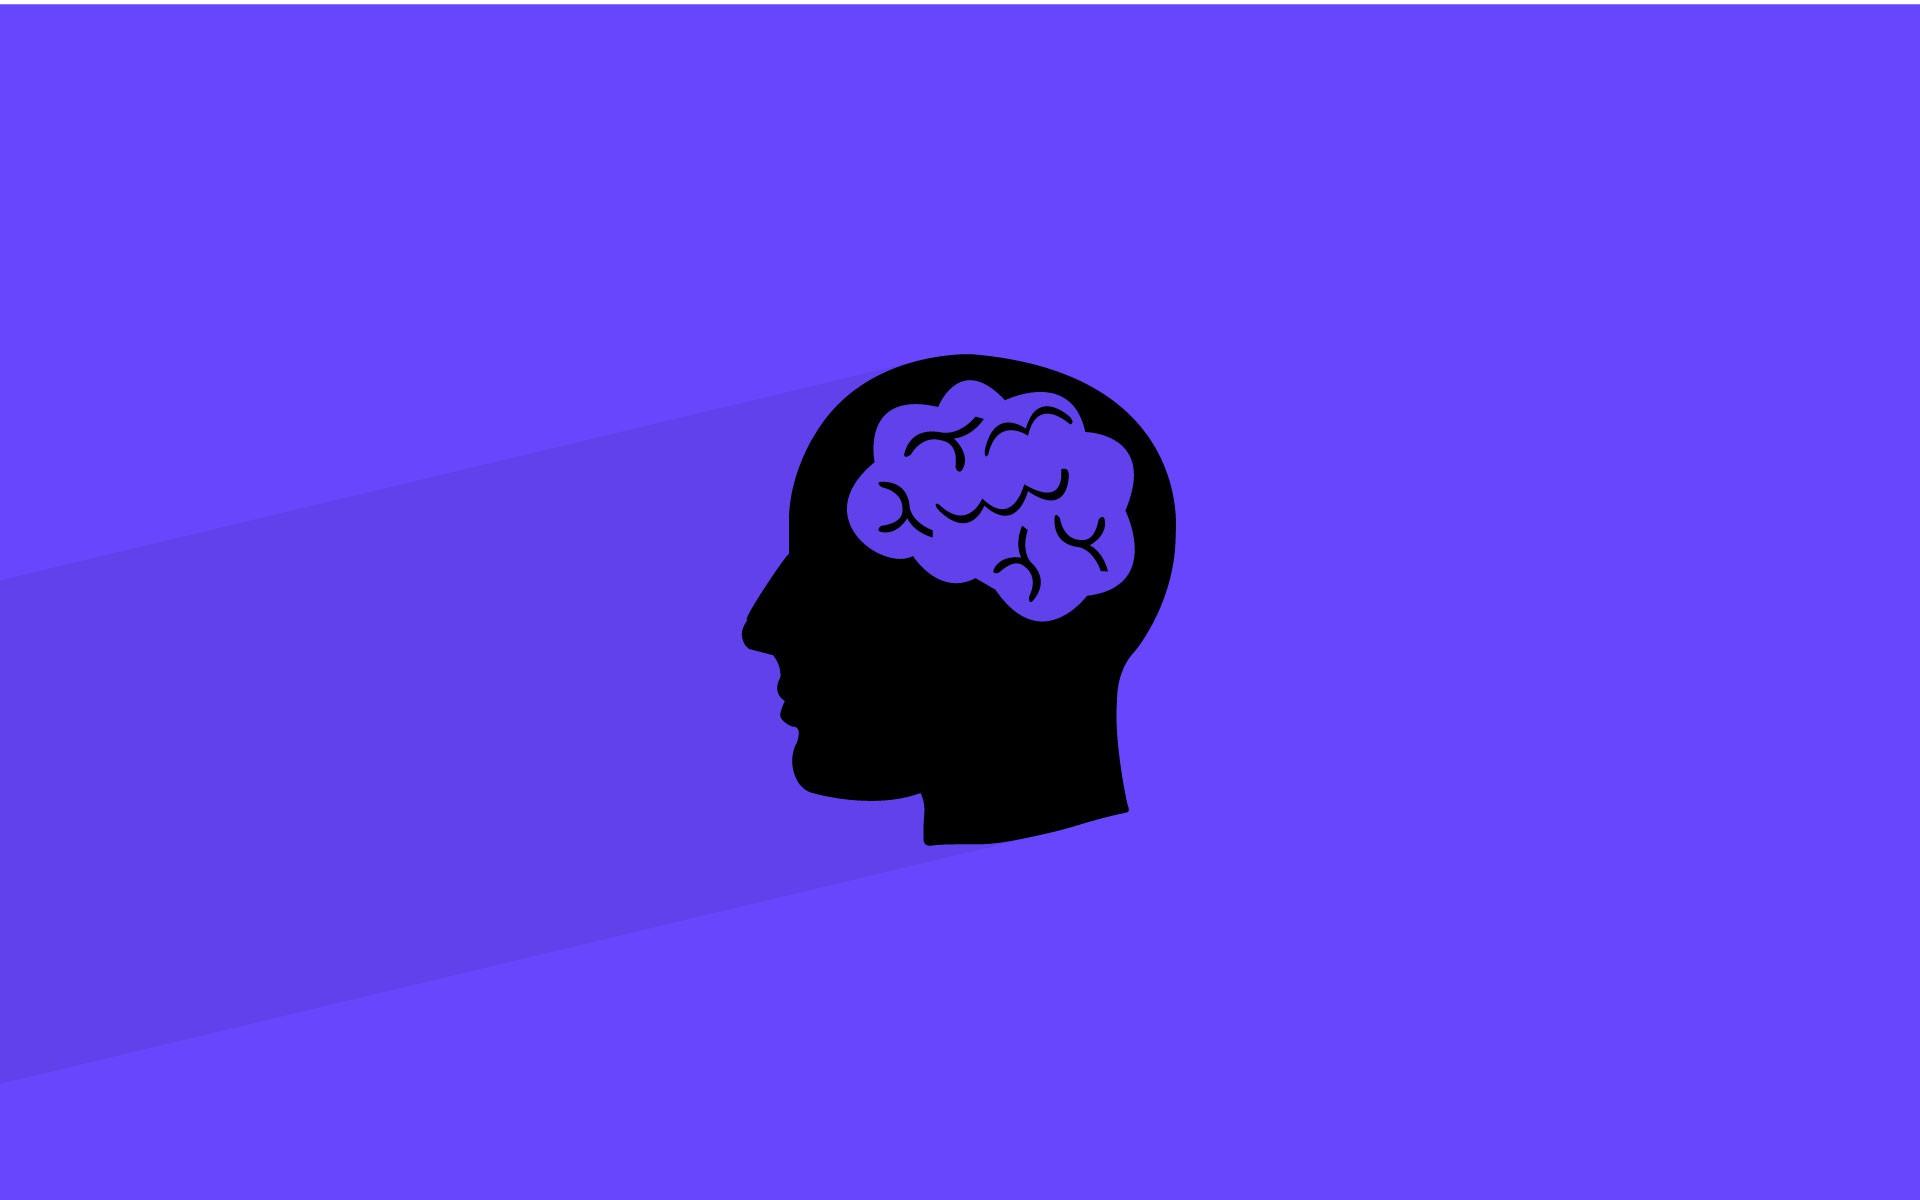 Projektowanie logo firmy - żelazne zasady dobrego logo. mozg mysli obrazowo